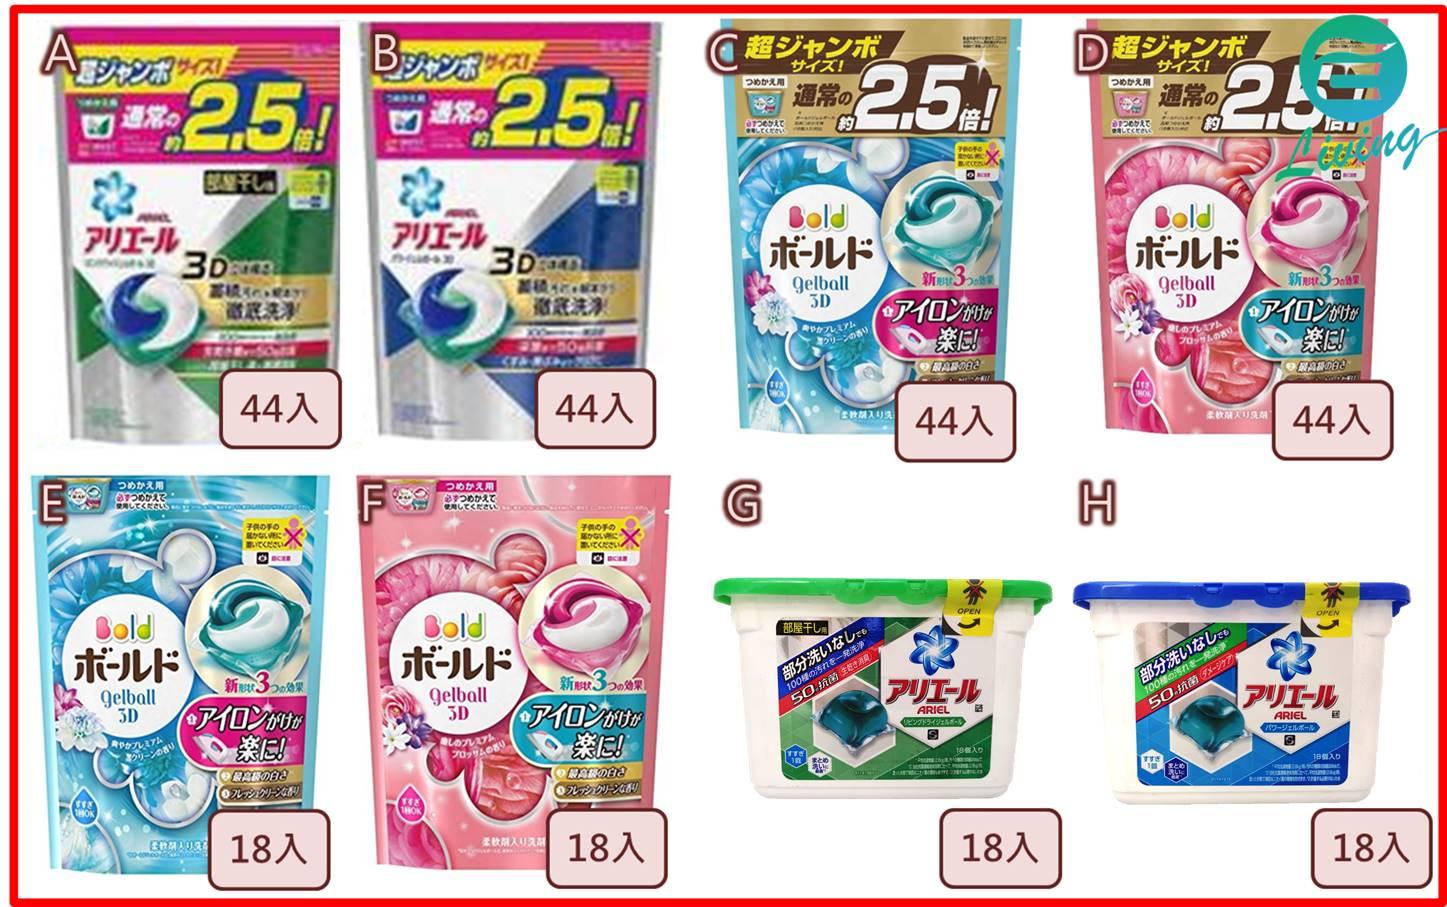 日本P&G BOLD、ARIEL 3D抗菌除垢洗衣球/洗衣膠囊★18顆、44顆補充包↘平均$6.1元起/顆★4種全新香味 清洗潔淨衣物